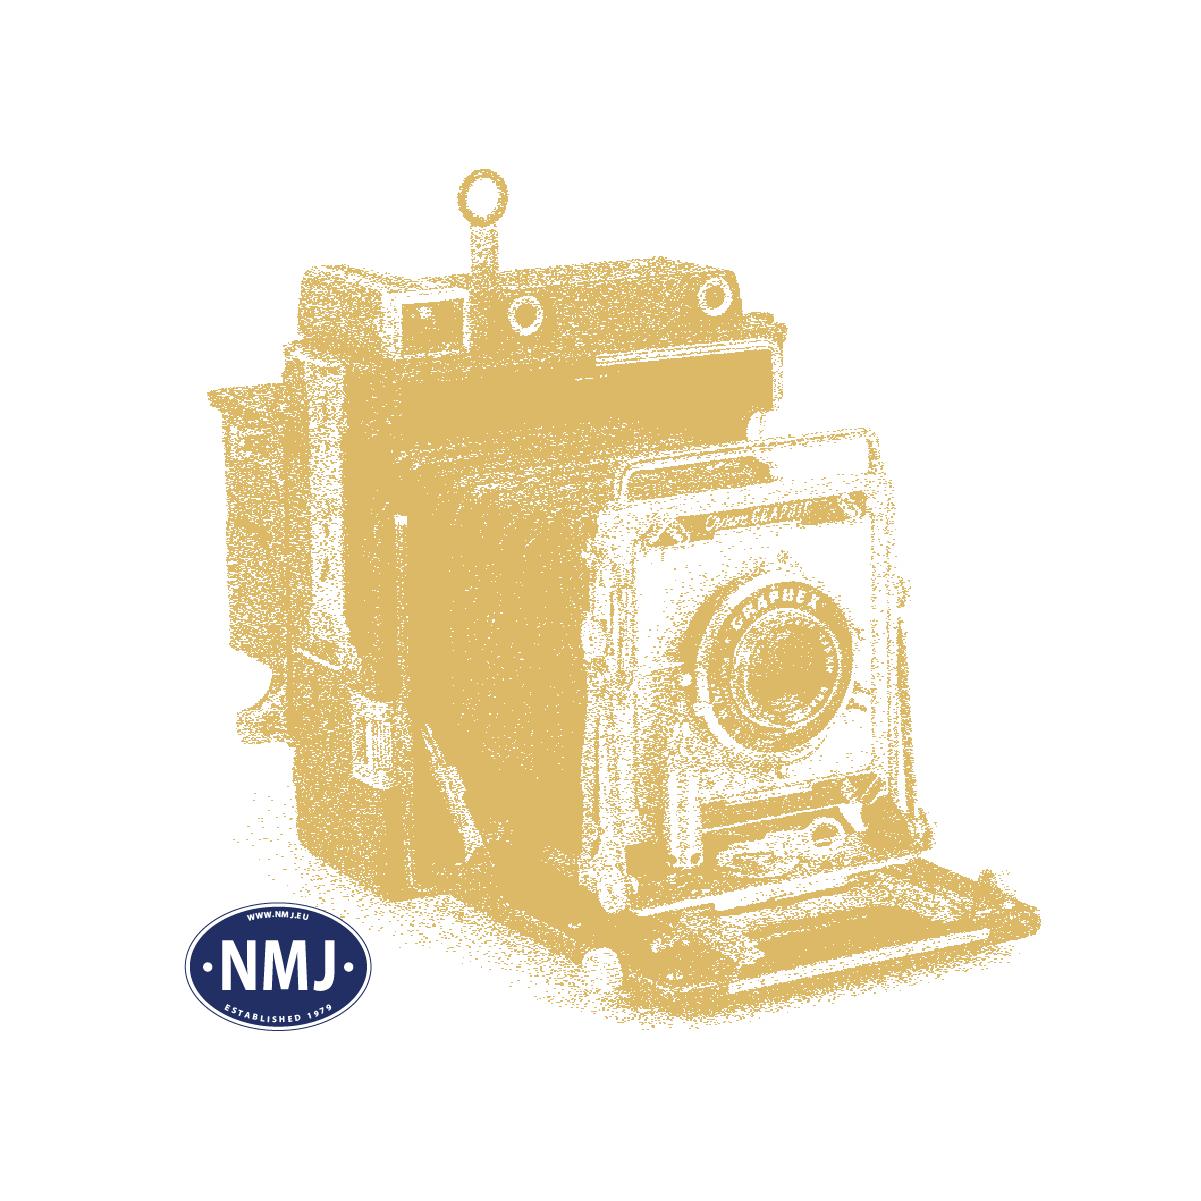 Topline Godsvogner, nmj-topline-nmjt507124-cargonet-lgns-42-77-443-2377-1-pepsi-max-container-ringnes-25-fot, NMJT507.124